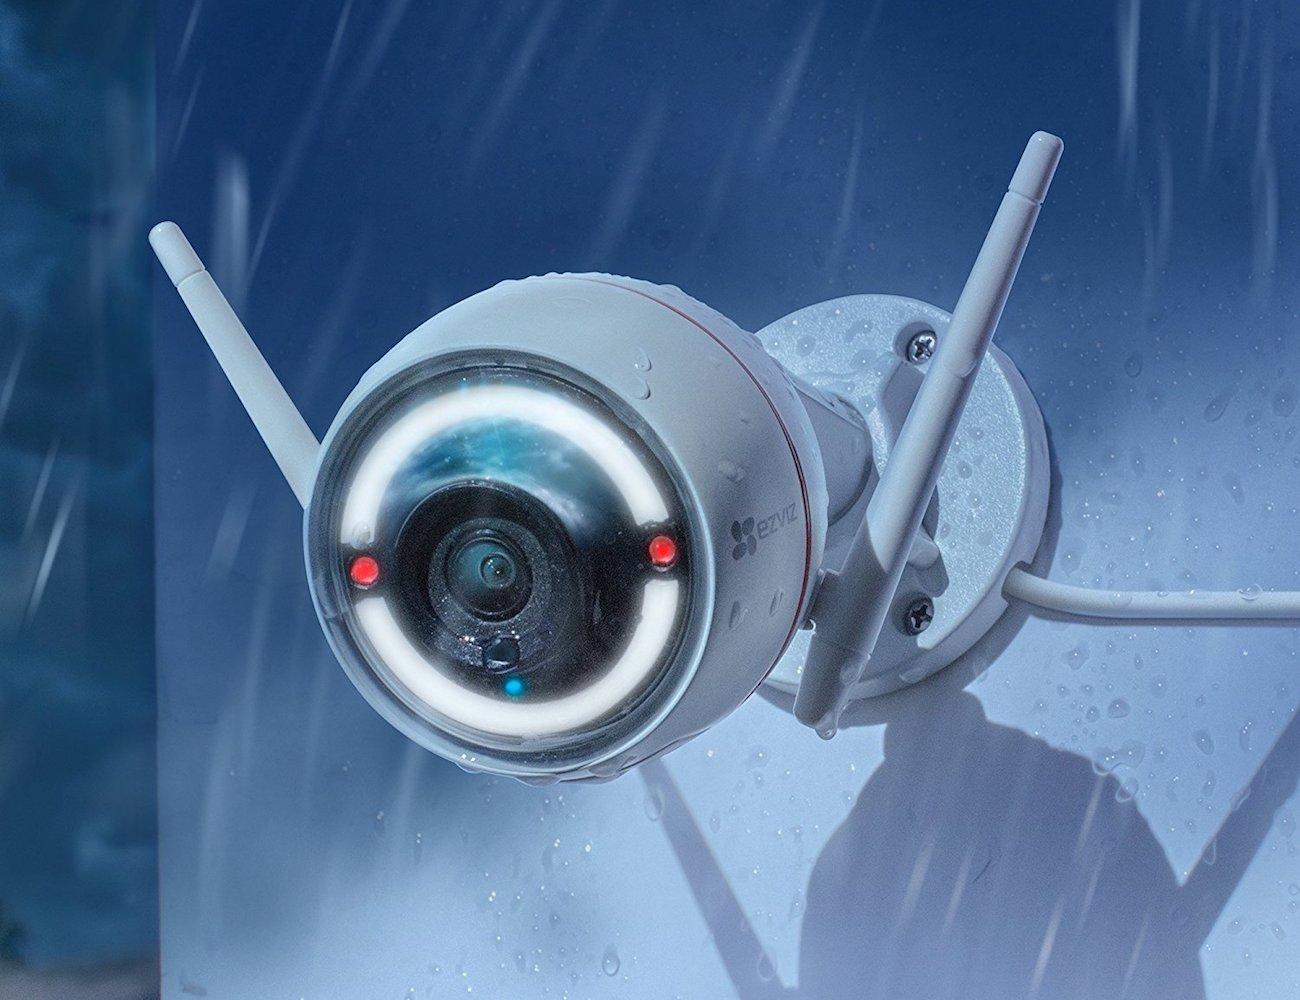 EZVIZ ezGuard Outdoor Wi-Fi Camera